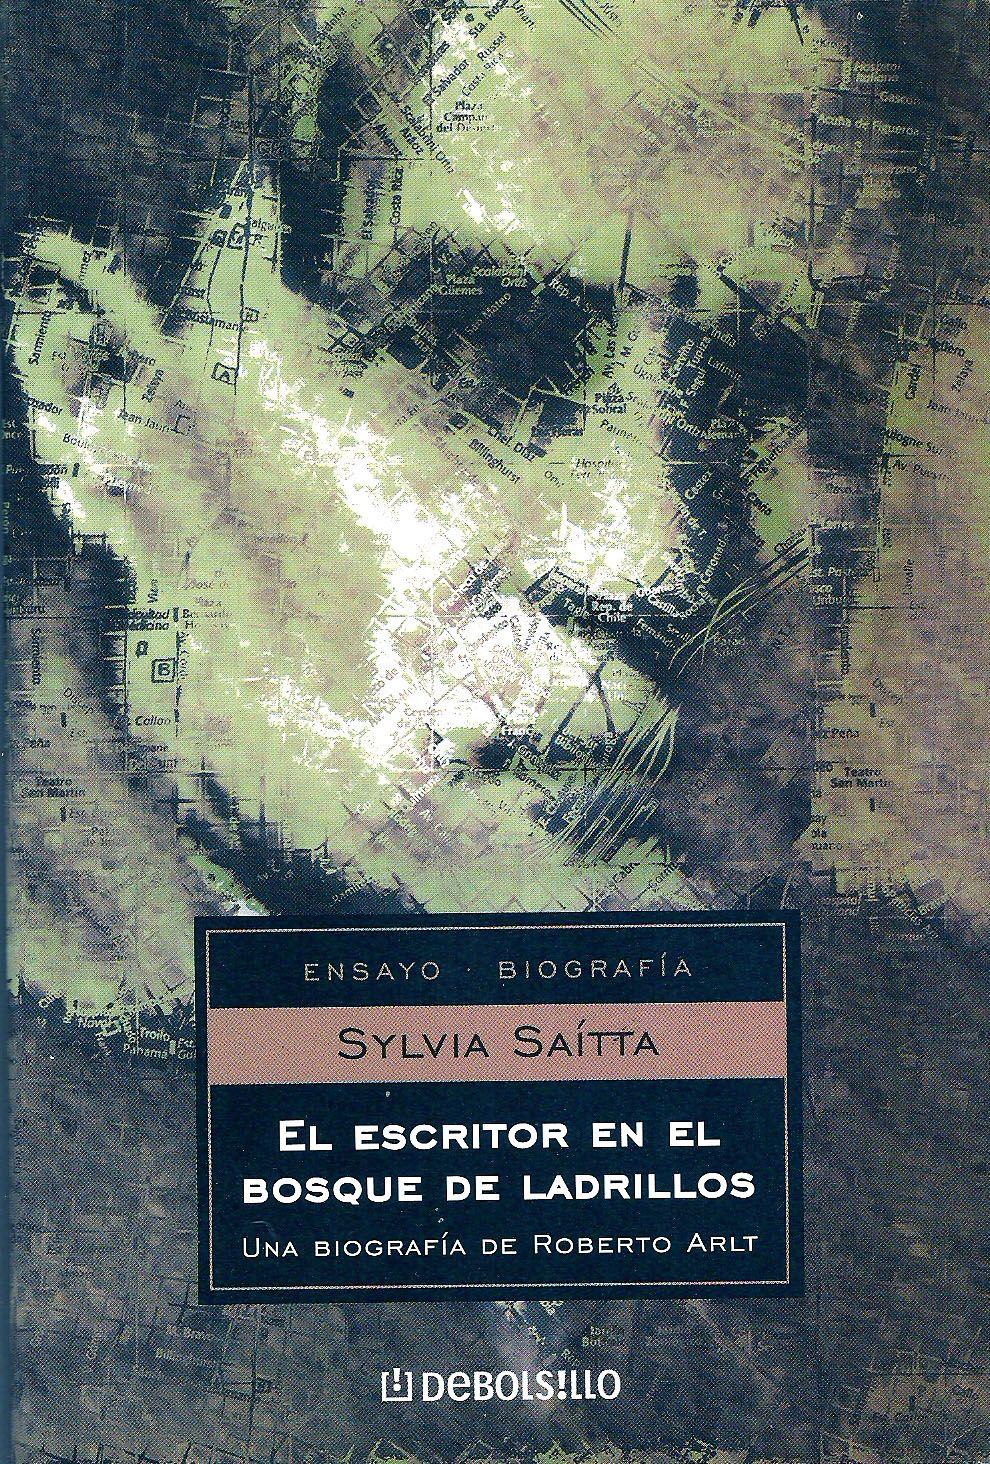 Resultado de imagen para ROBERTO ARLT ILUSTRACION